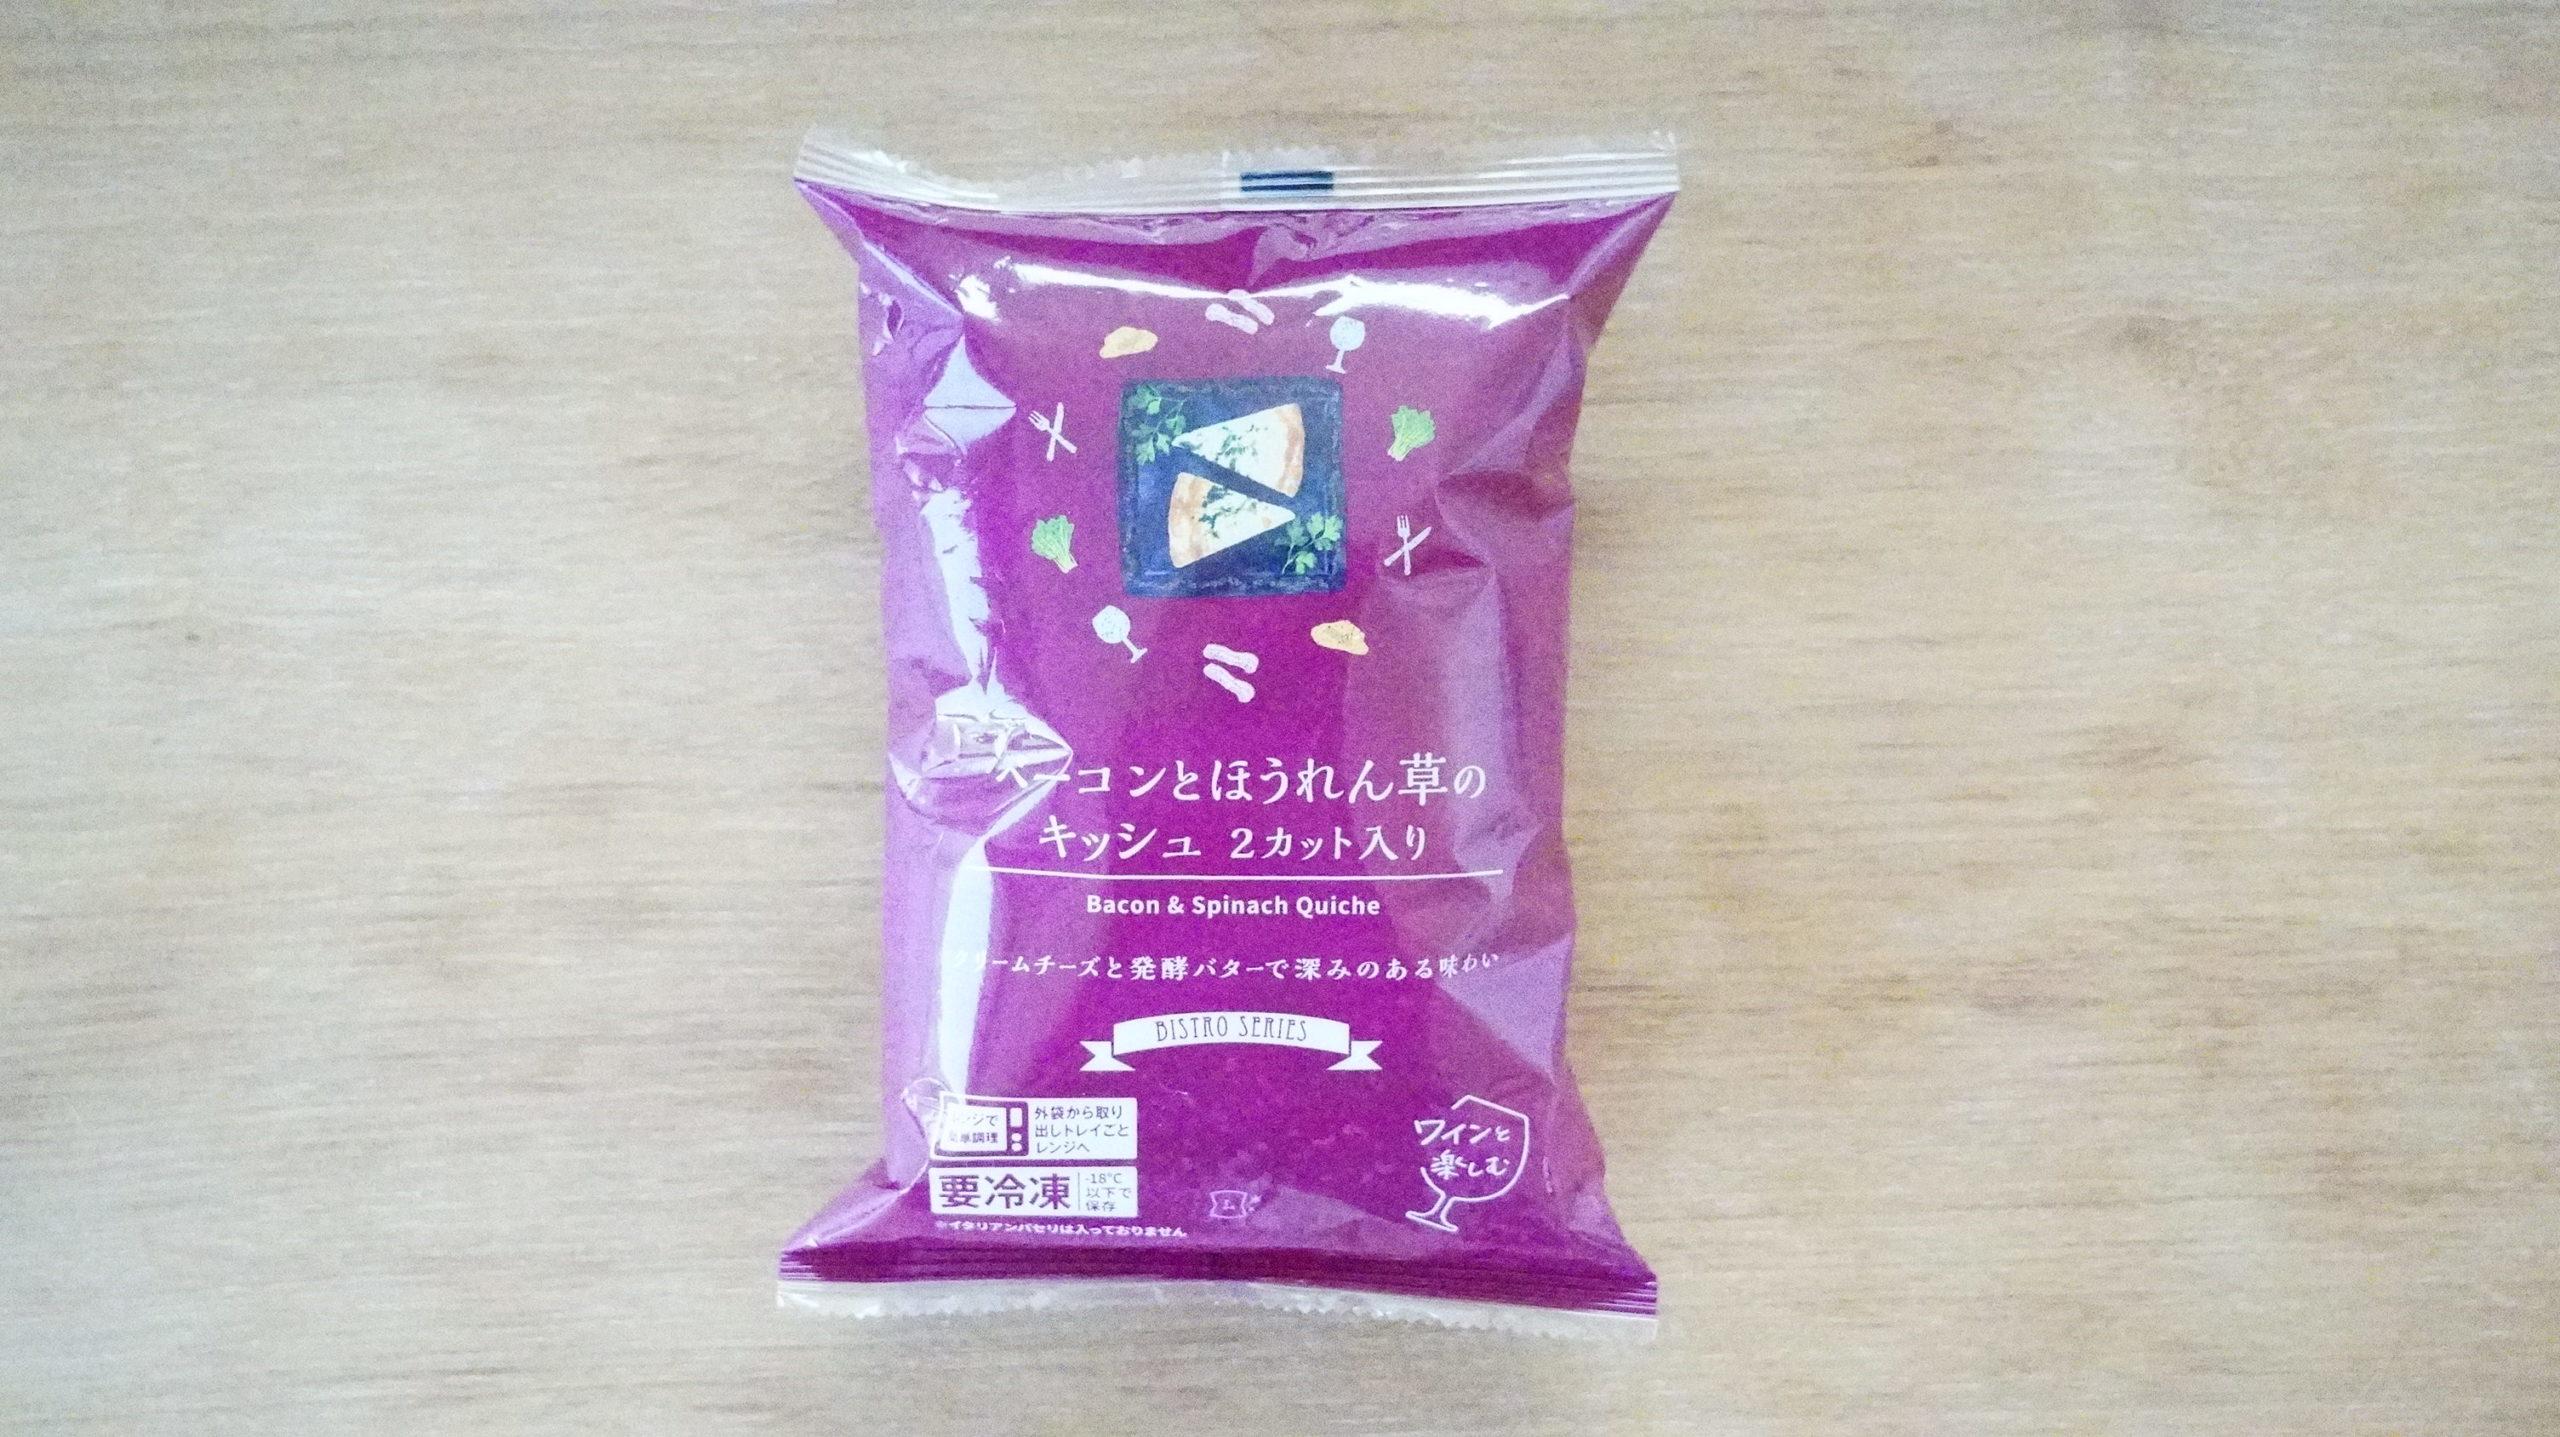 ローソンの冷凍食品「ベーコンとほうれん草のキッシュ」のパッケージの写真